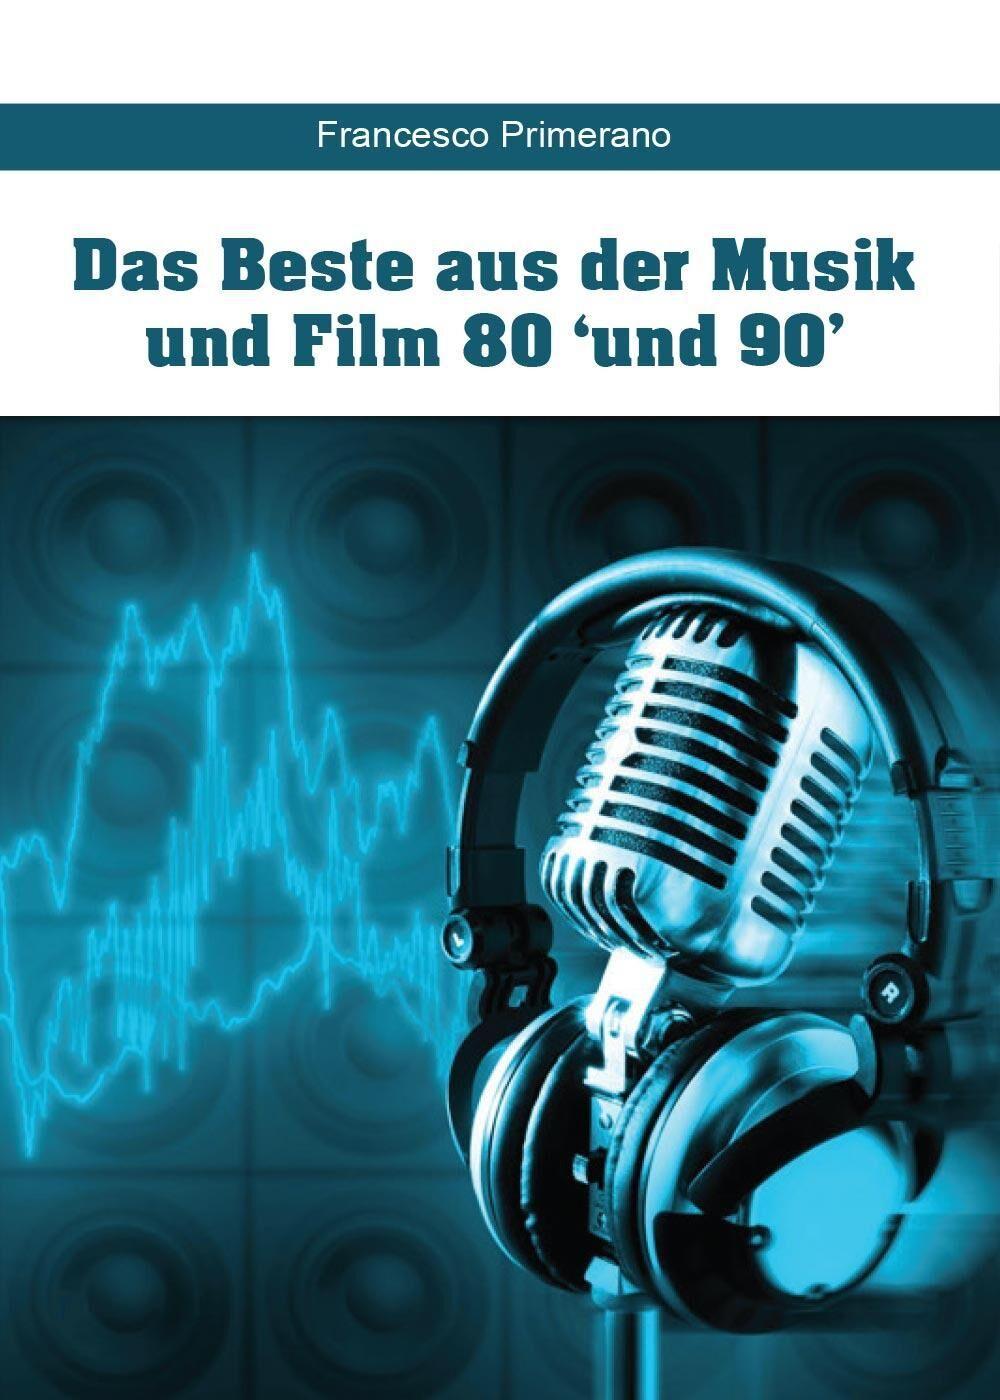 Das beste aus der musik und film 80 'und 90'